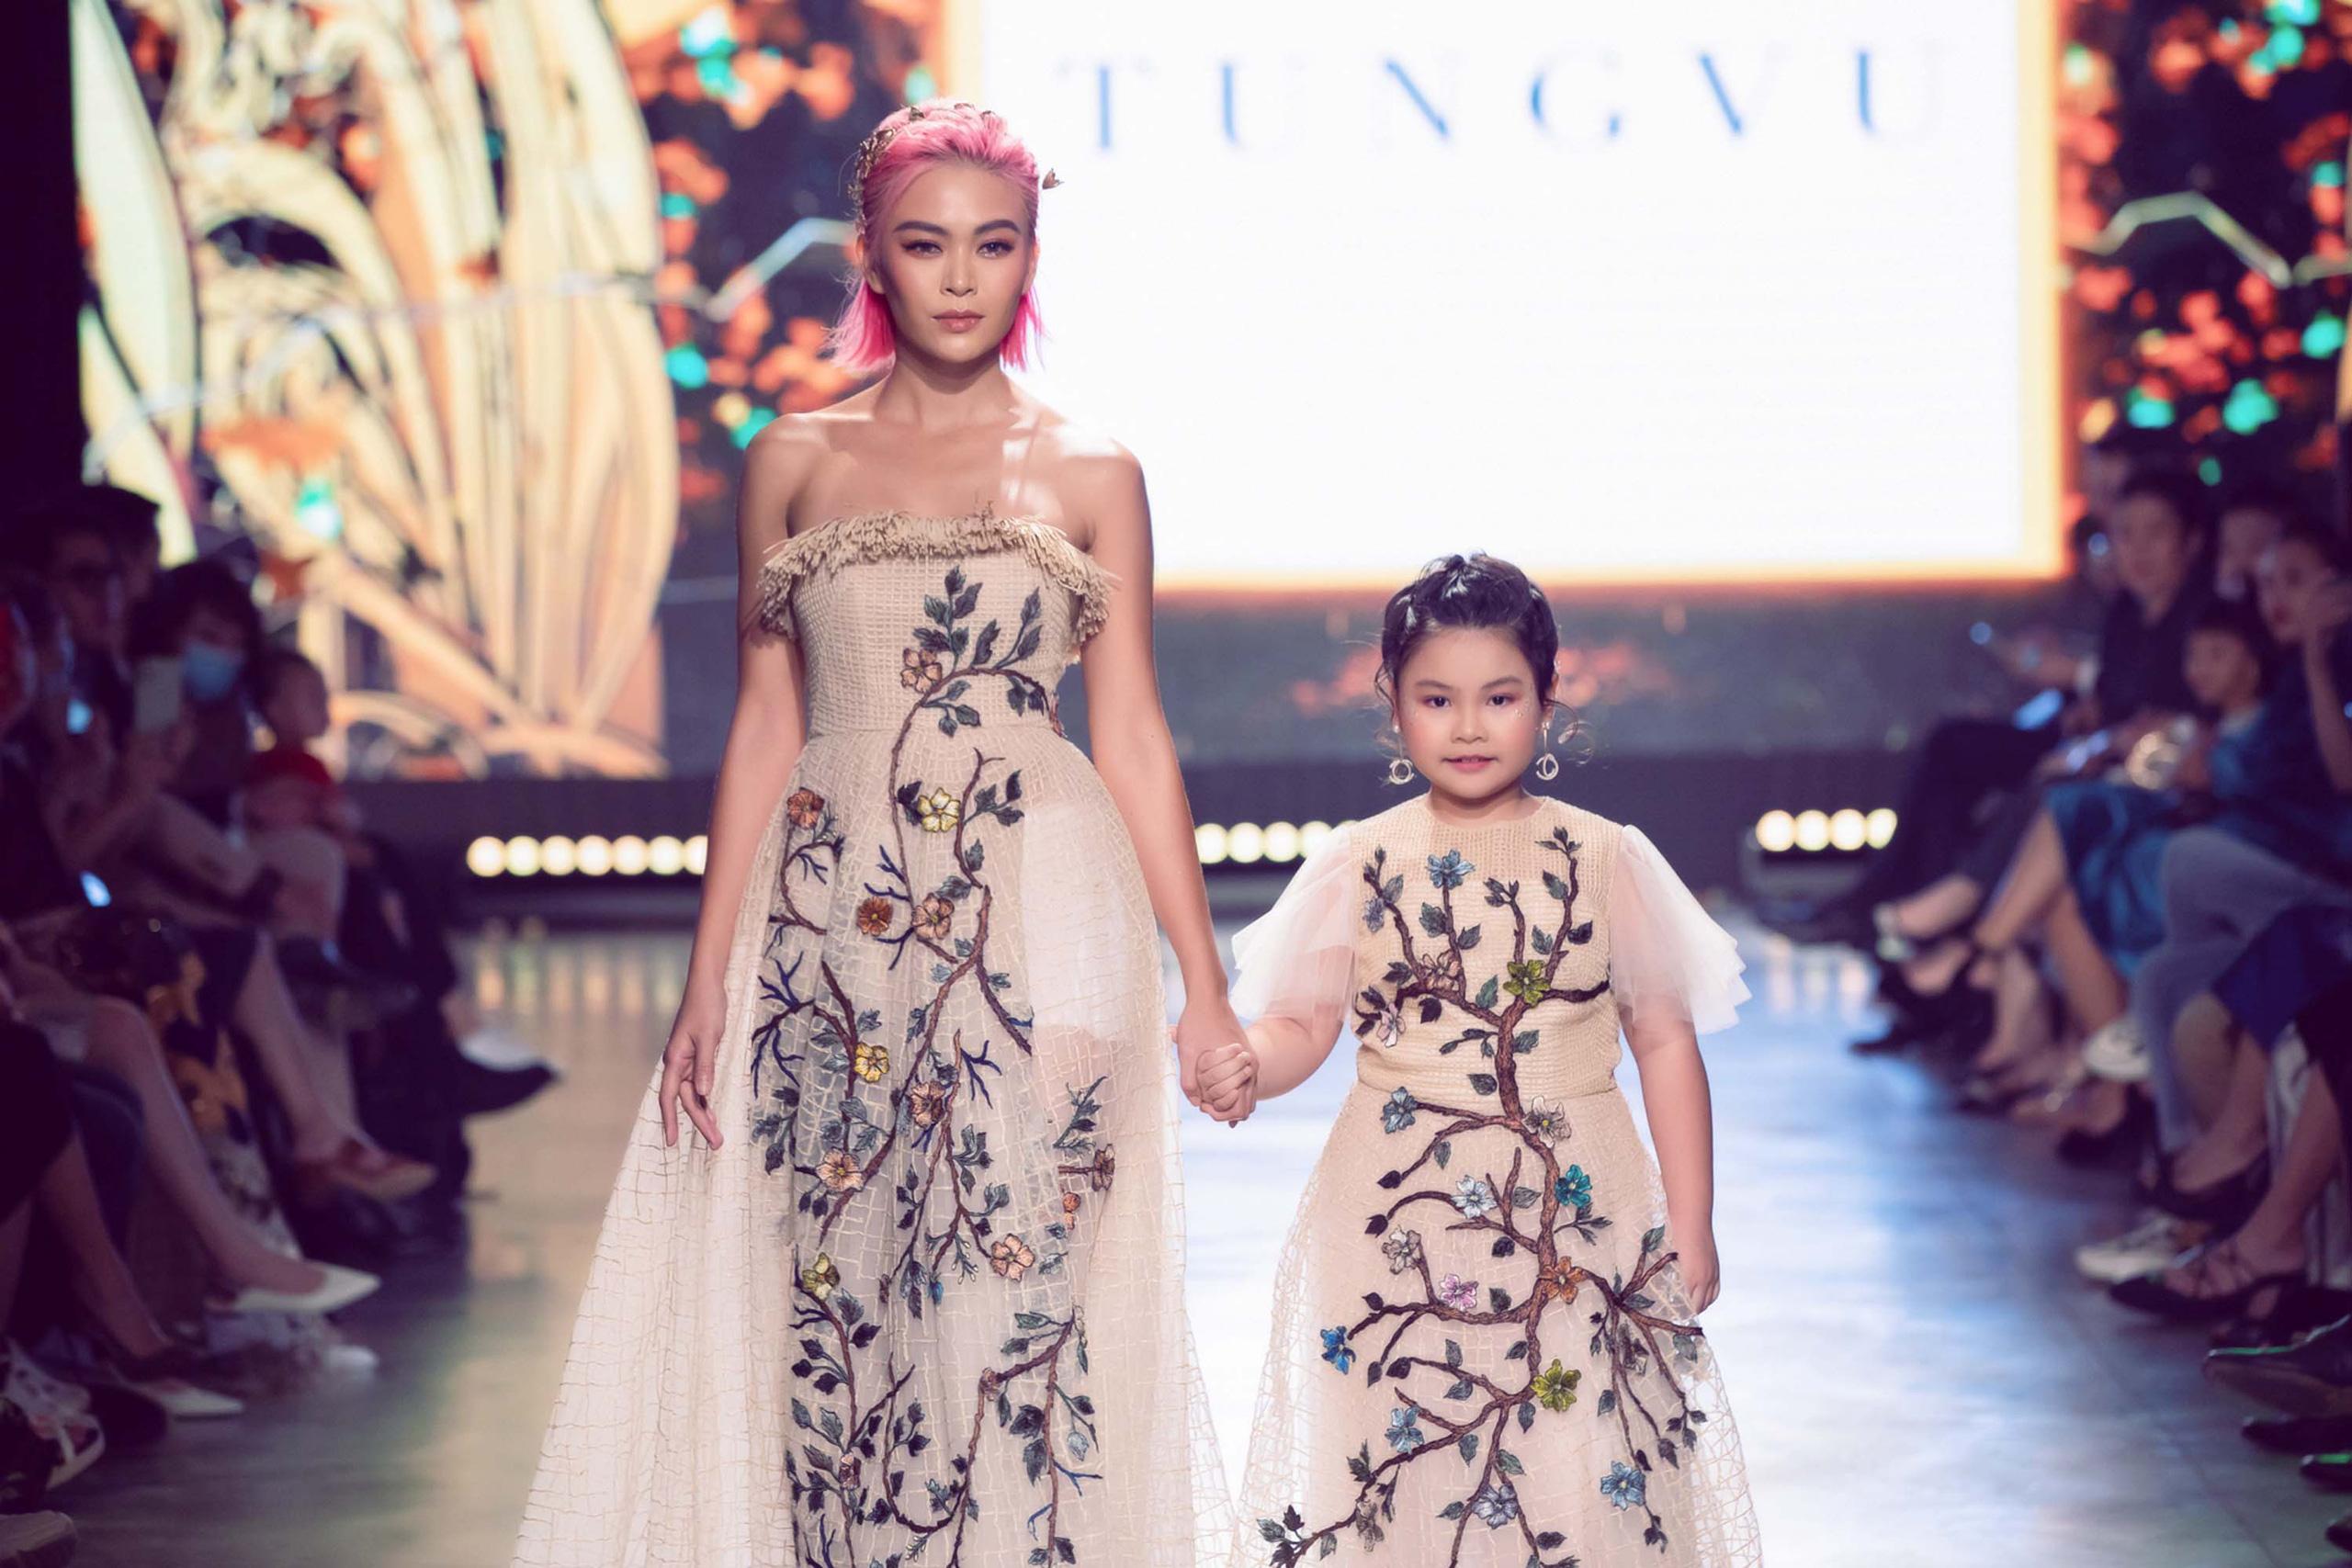 Mẫu nhí Bảo Hà trình diễn với trăn khổng lồ, Á hậu Thúy Vân vừa sinh xong đã diện ngay crop top táo bạo thách thức sàn catwalk của Fashion Festival  - Ảnh 6.